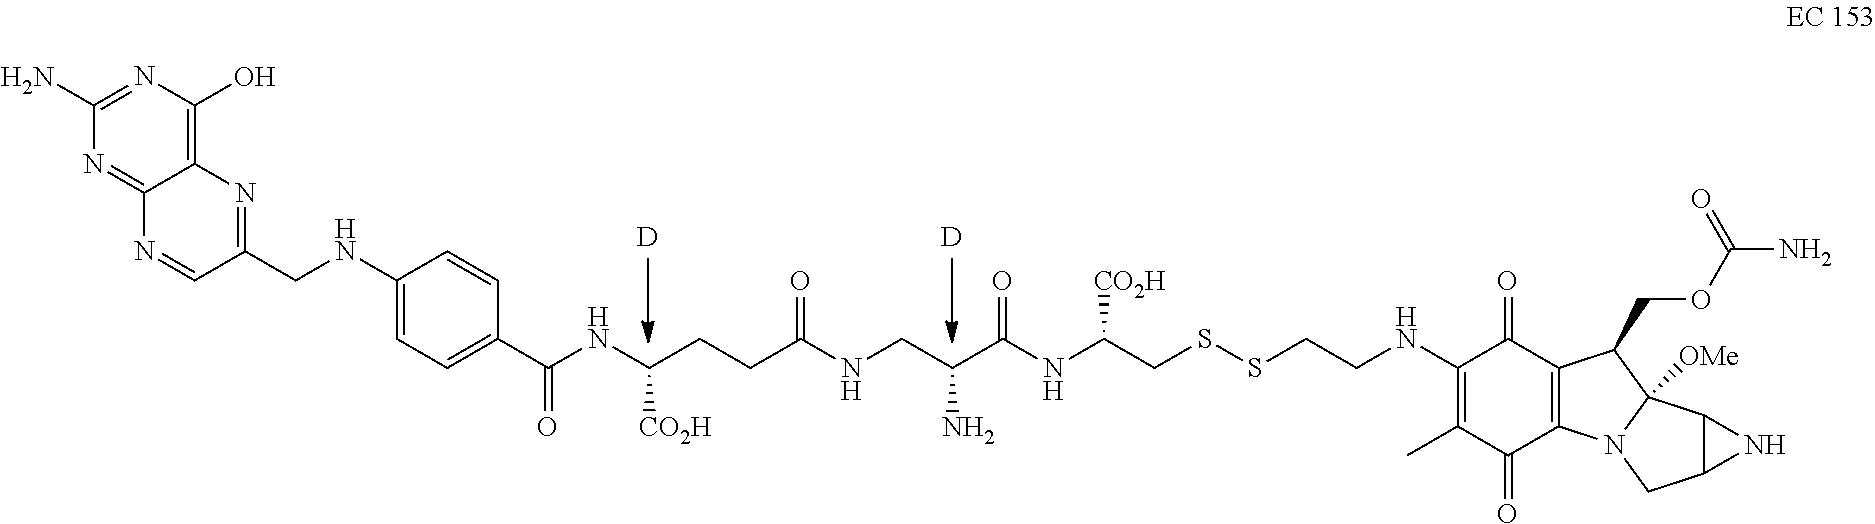 Figure US09662402-20170530-C00193